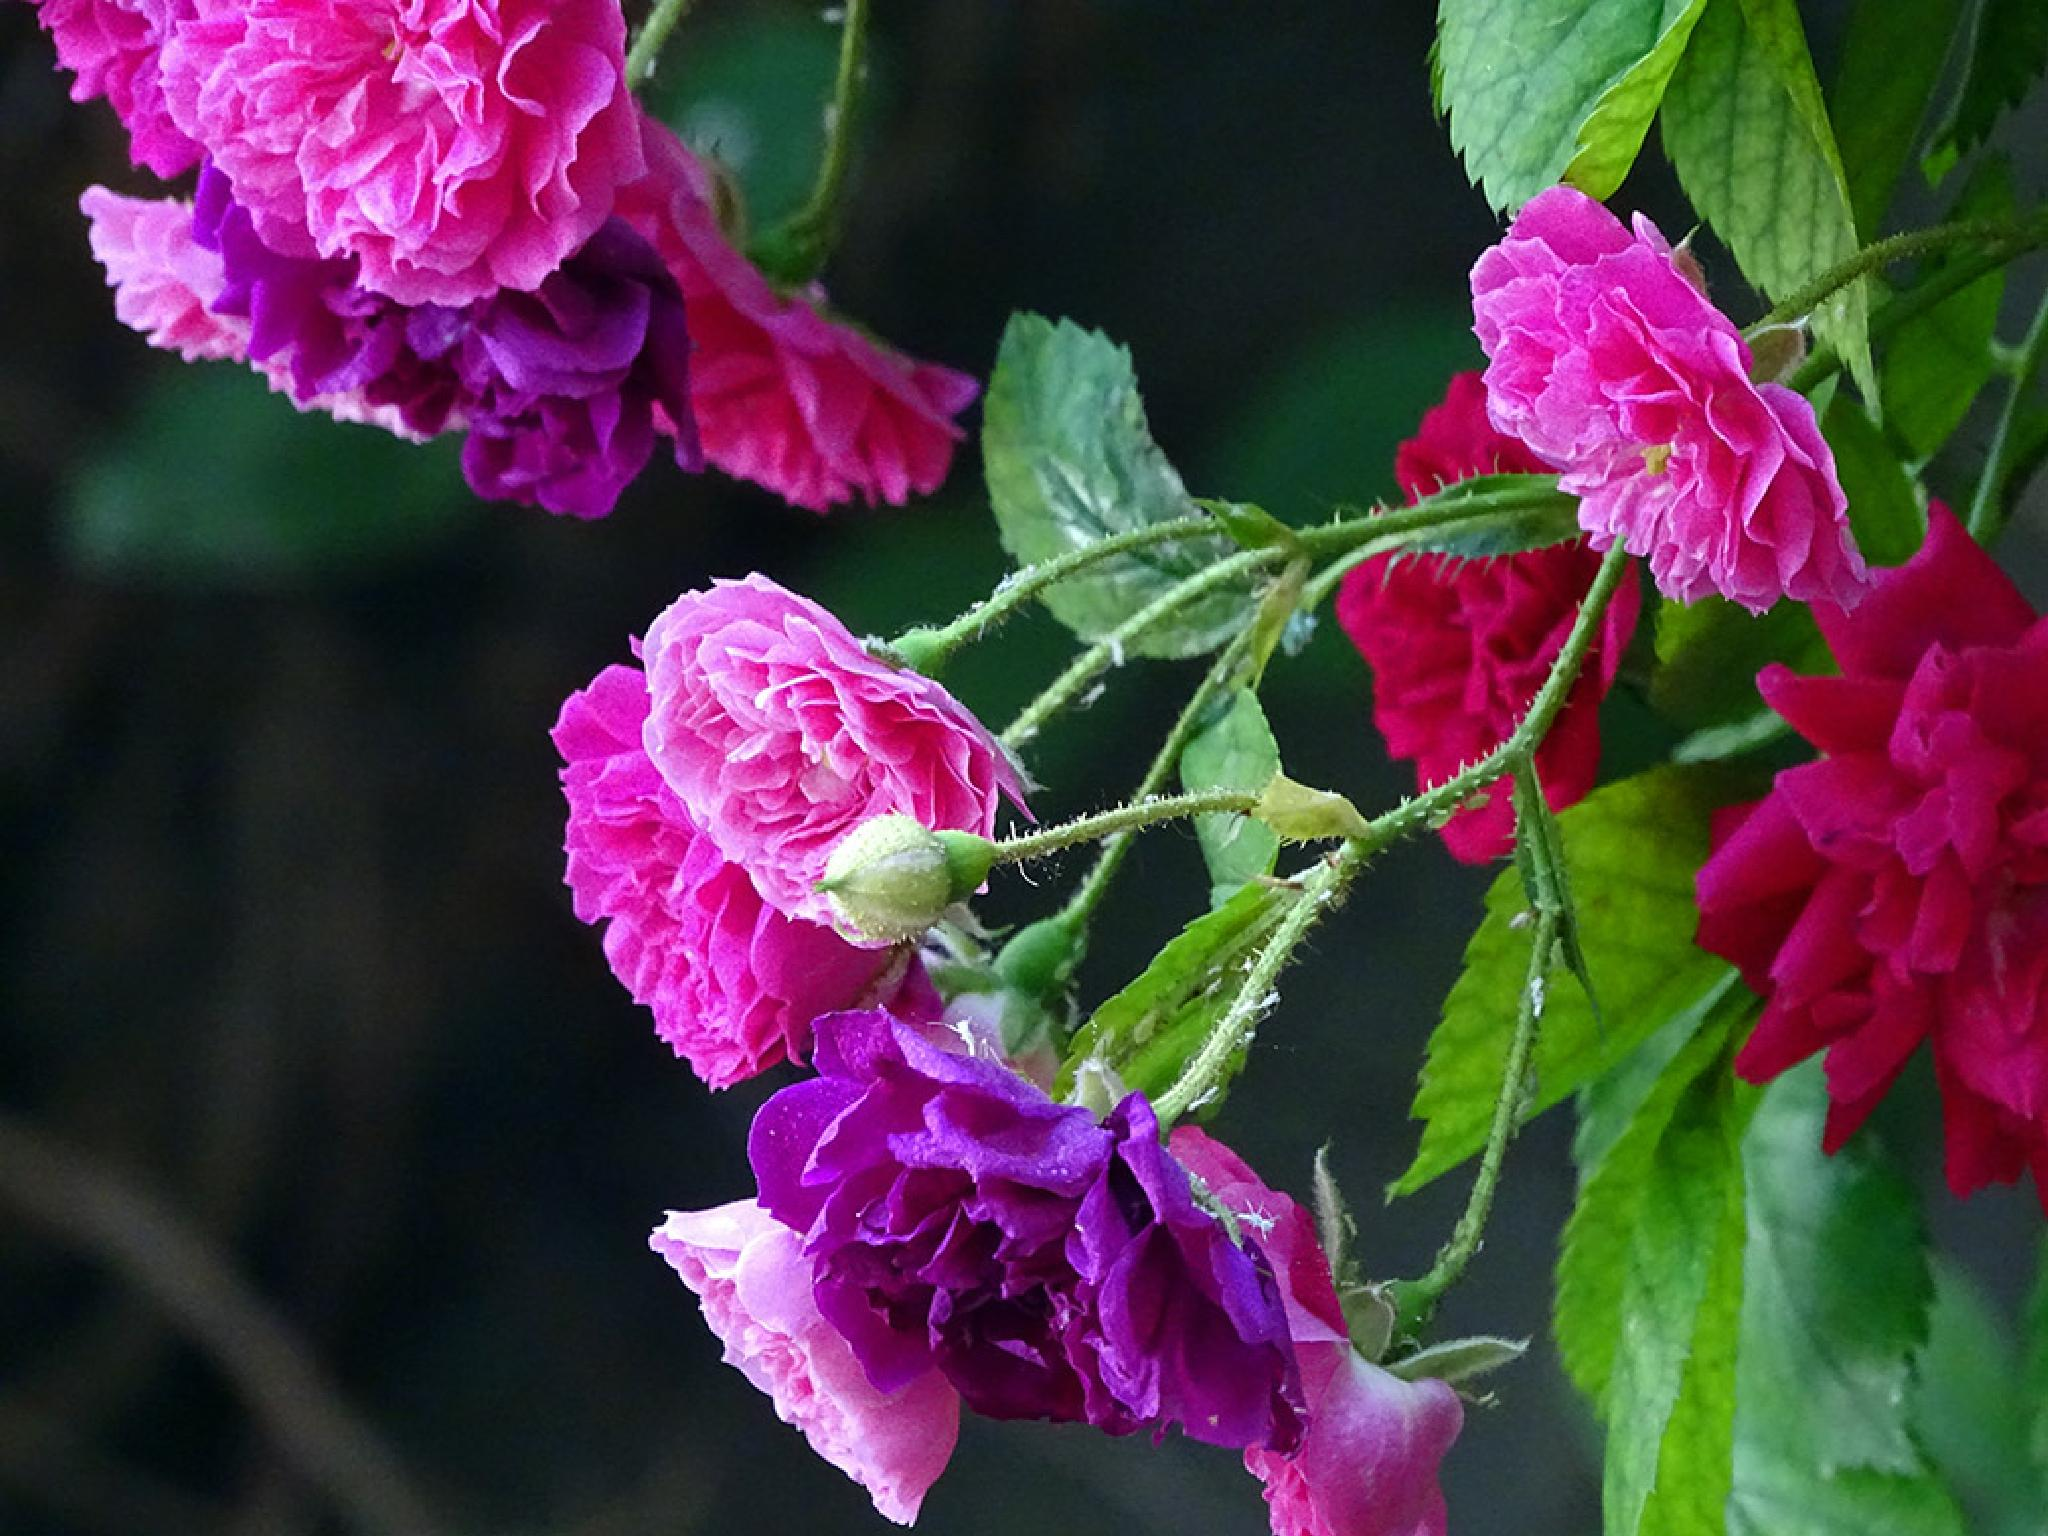 rose by mardinmukri